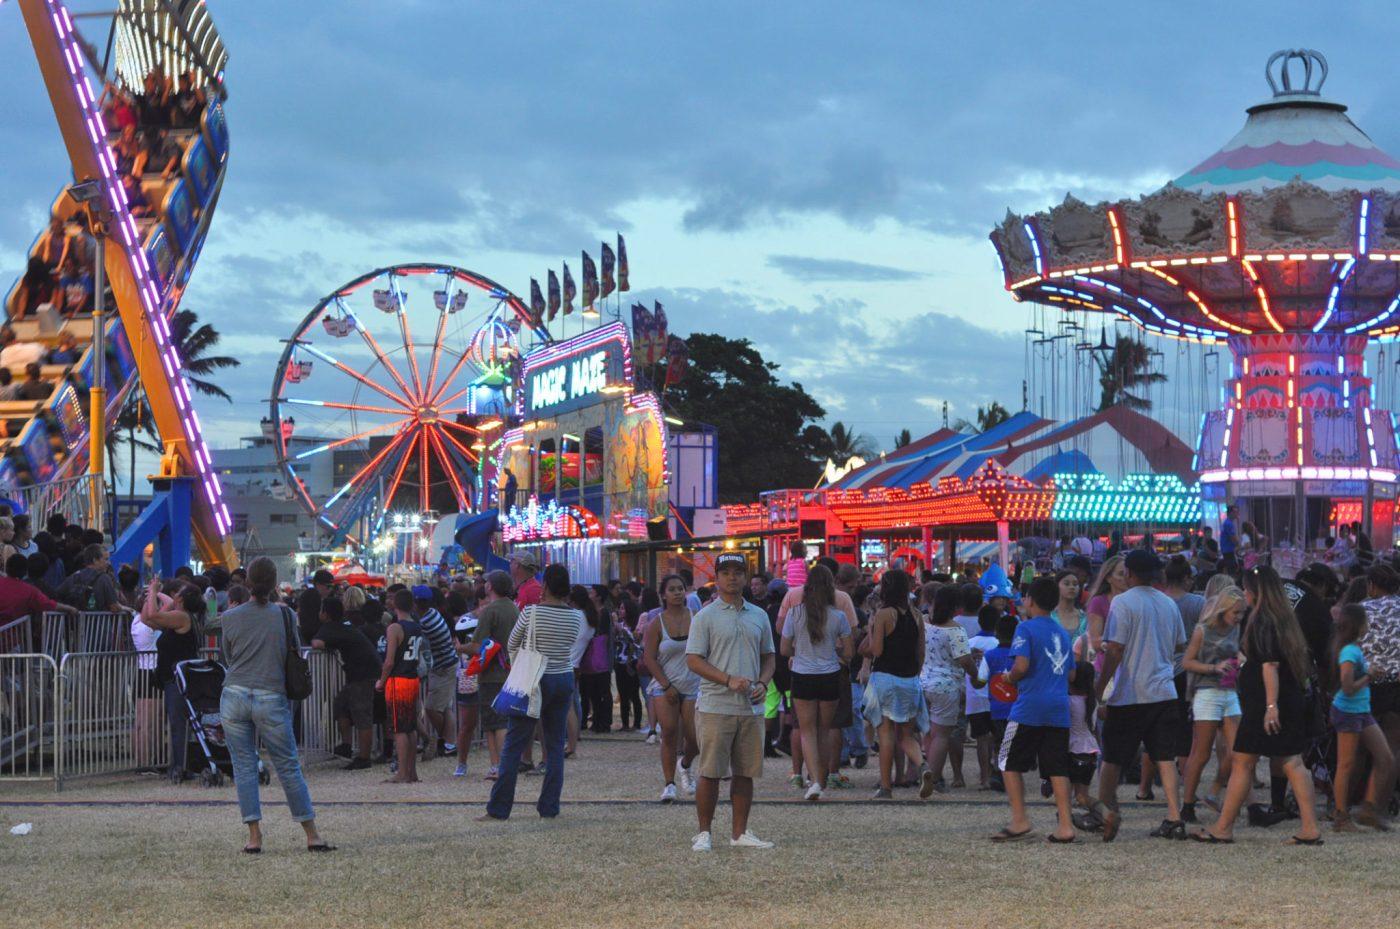 maui fair_amusement rides_colorful lights_happy